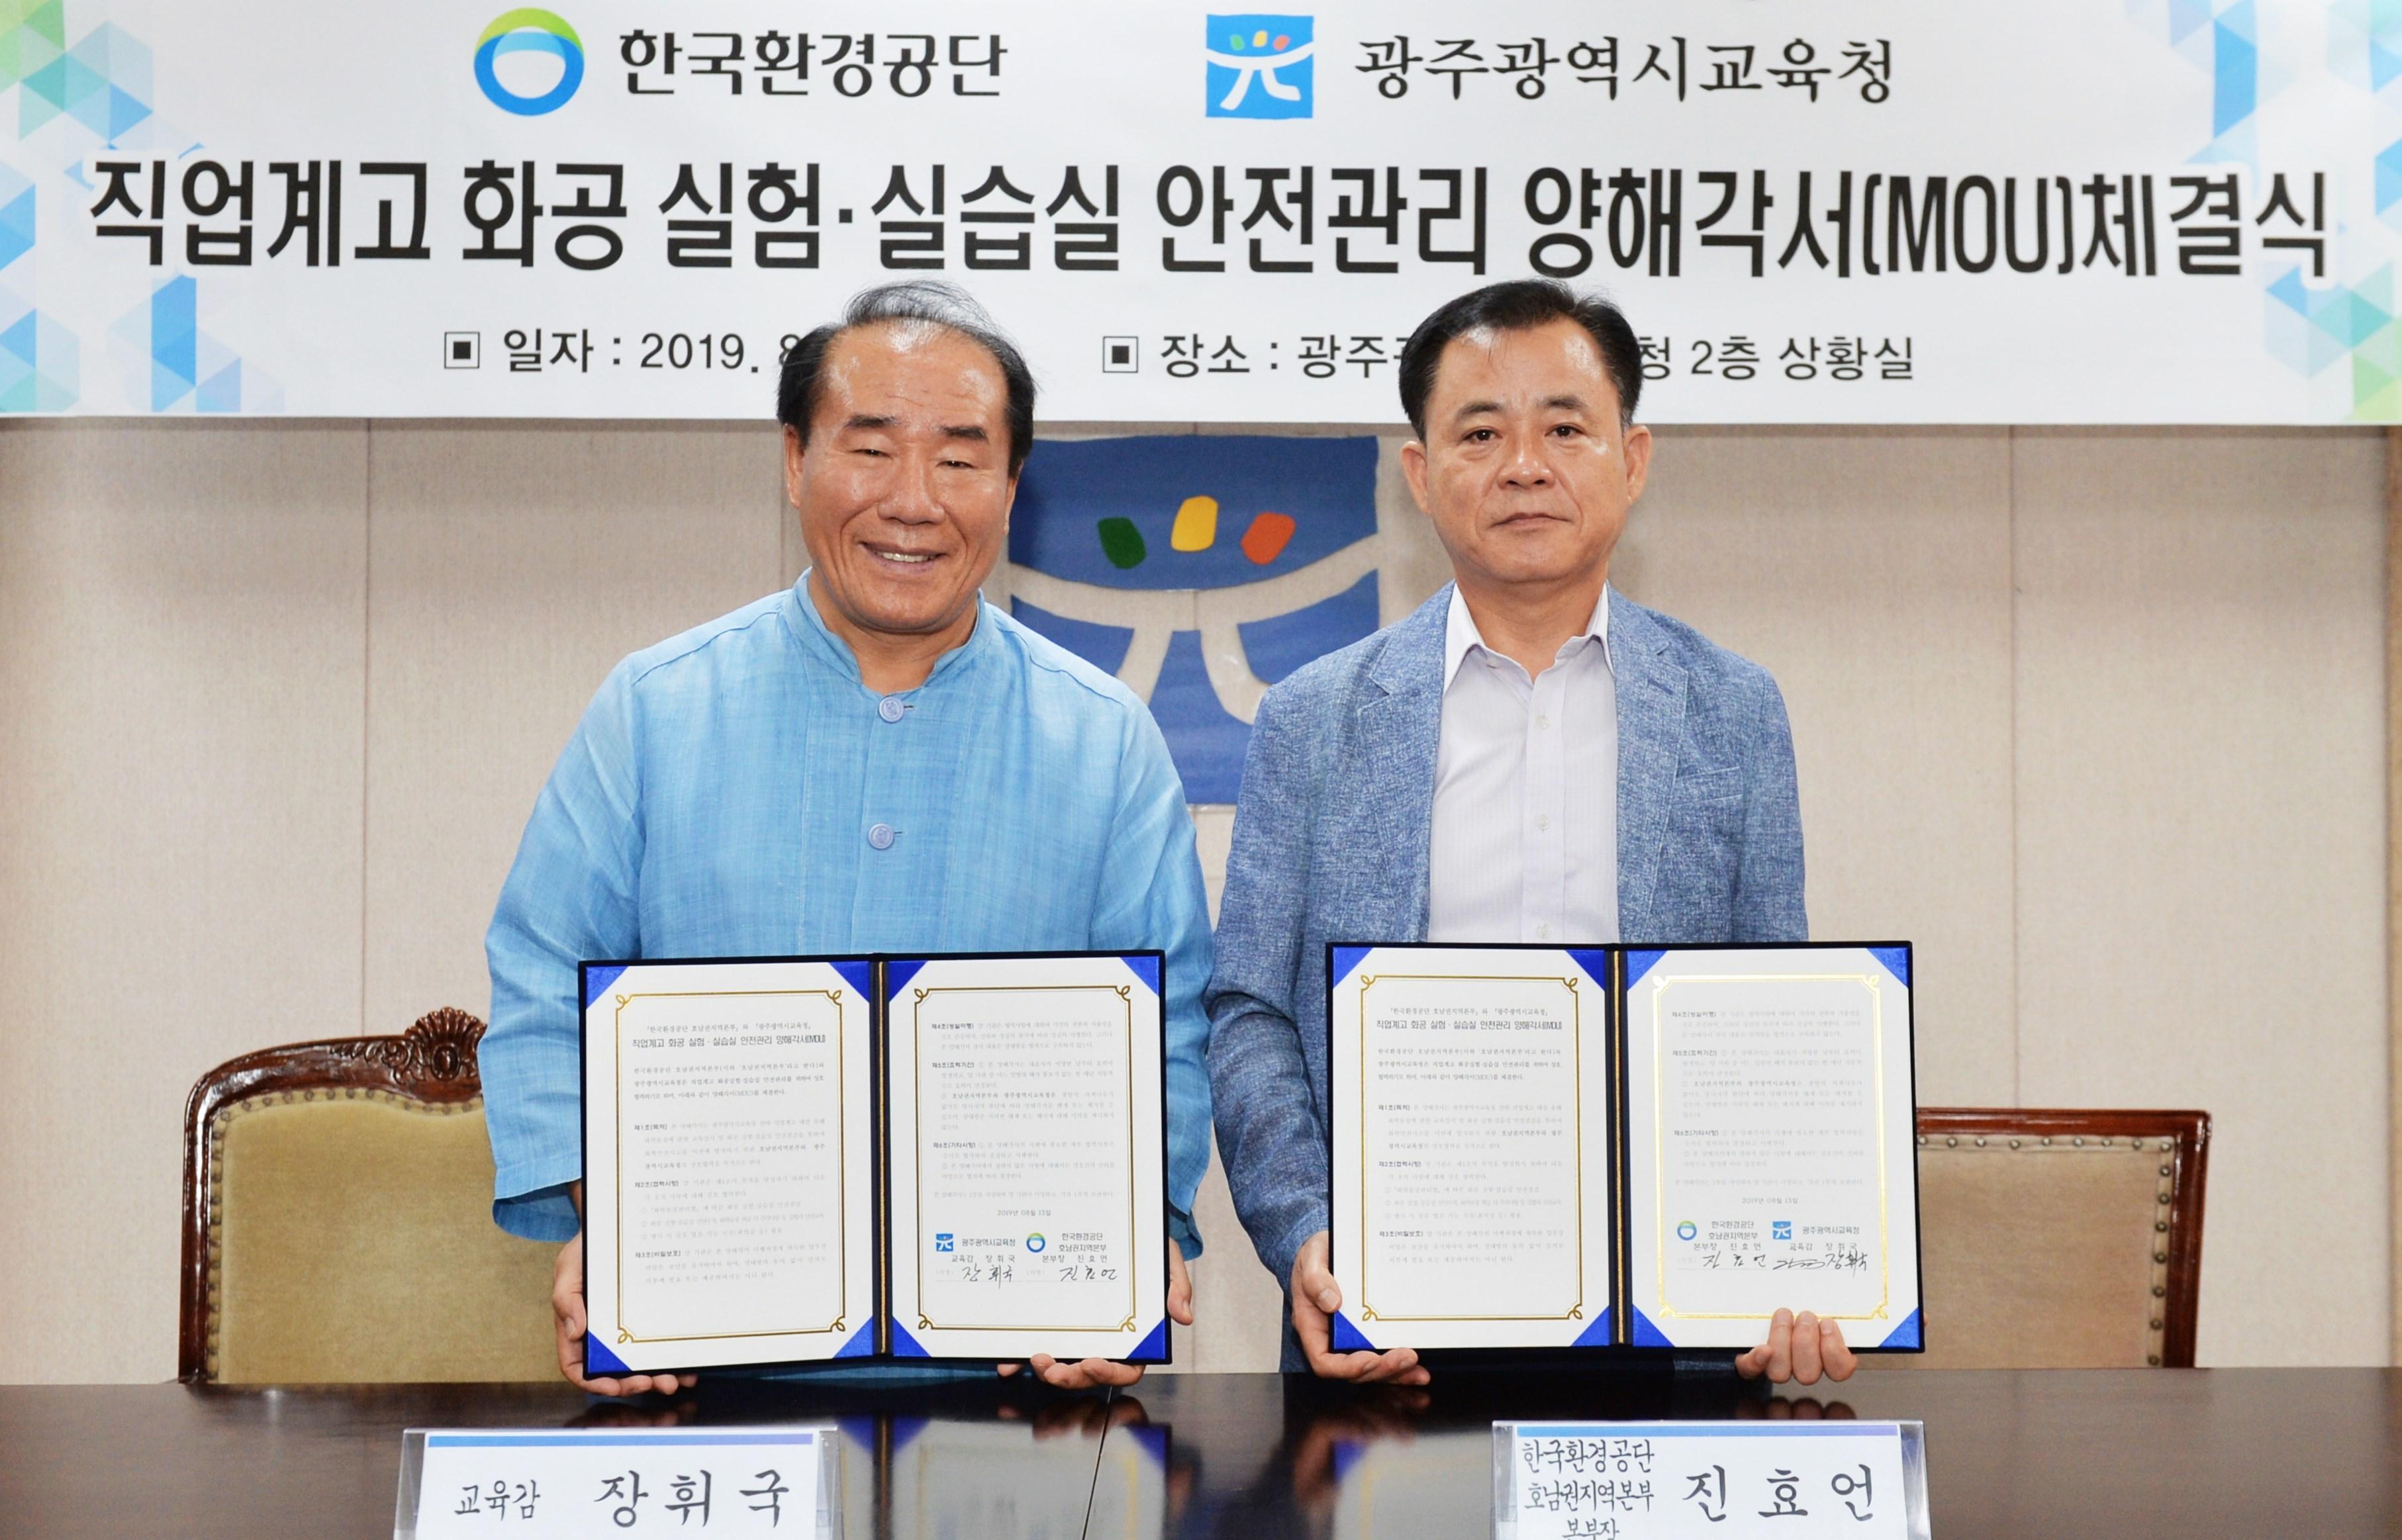 [광주]광주교육청, 화공 실습실 안전관리 MOU 체결